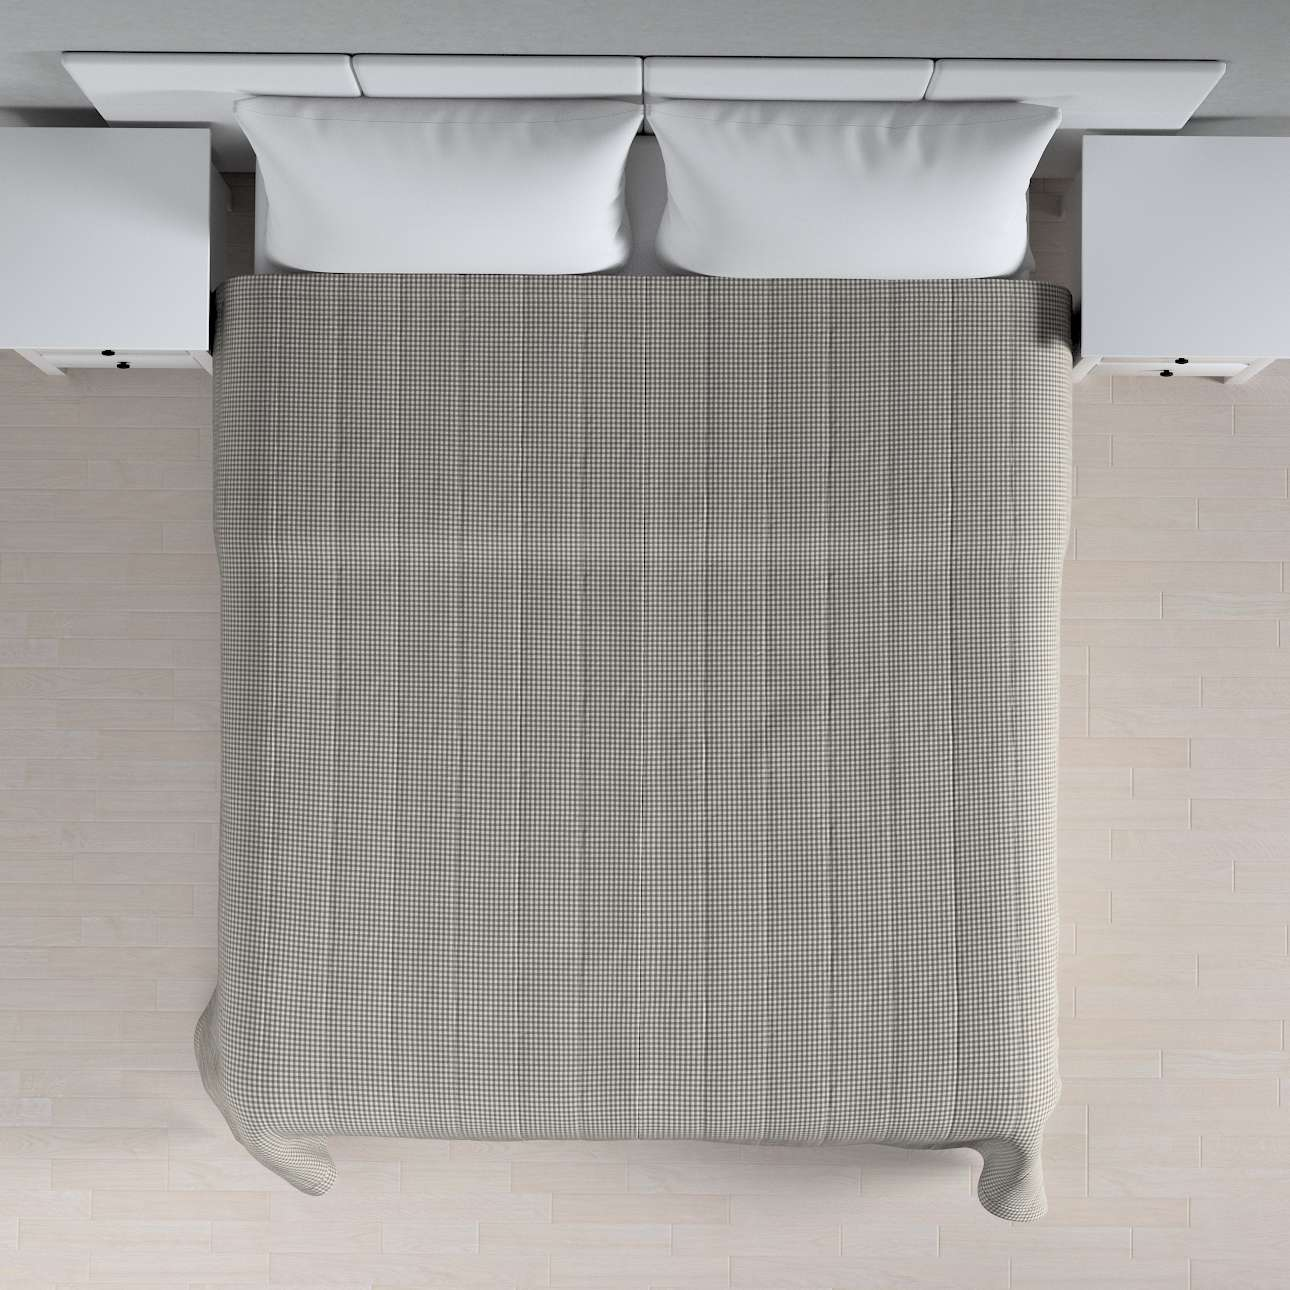 Einfacher Überwurf 260 x 210 cm von der Kollektion Quadro, Stoff: 136-10